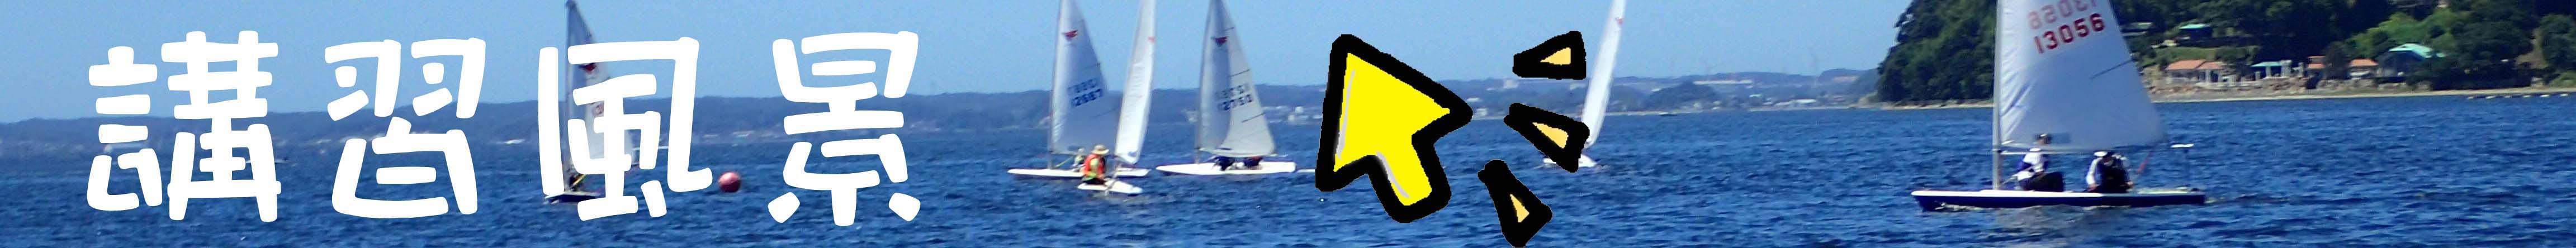 船舶免許広島 船舶免許2級 2級船舶免許 ボート免許 講習風健